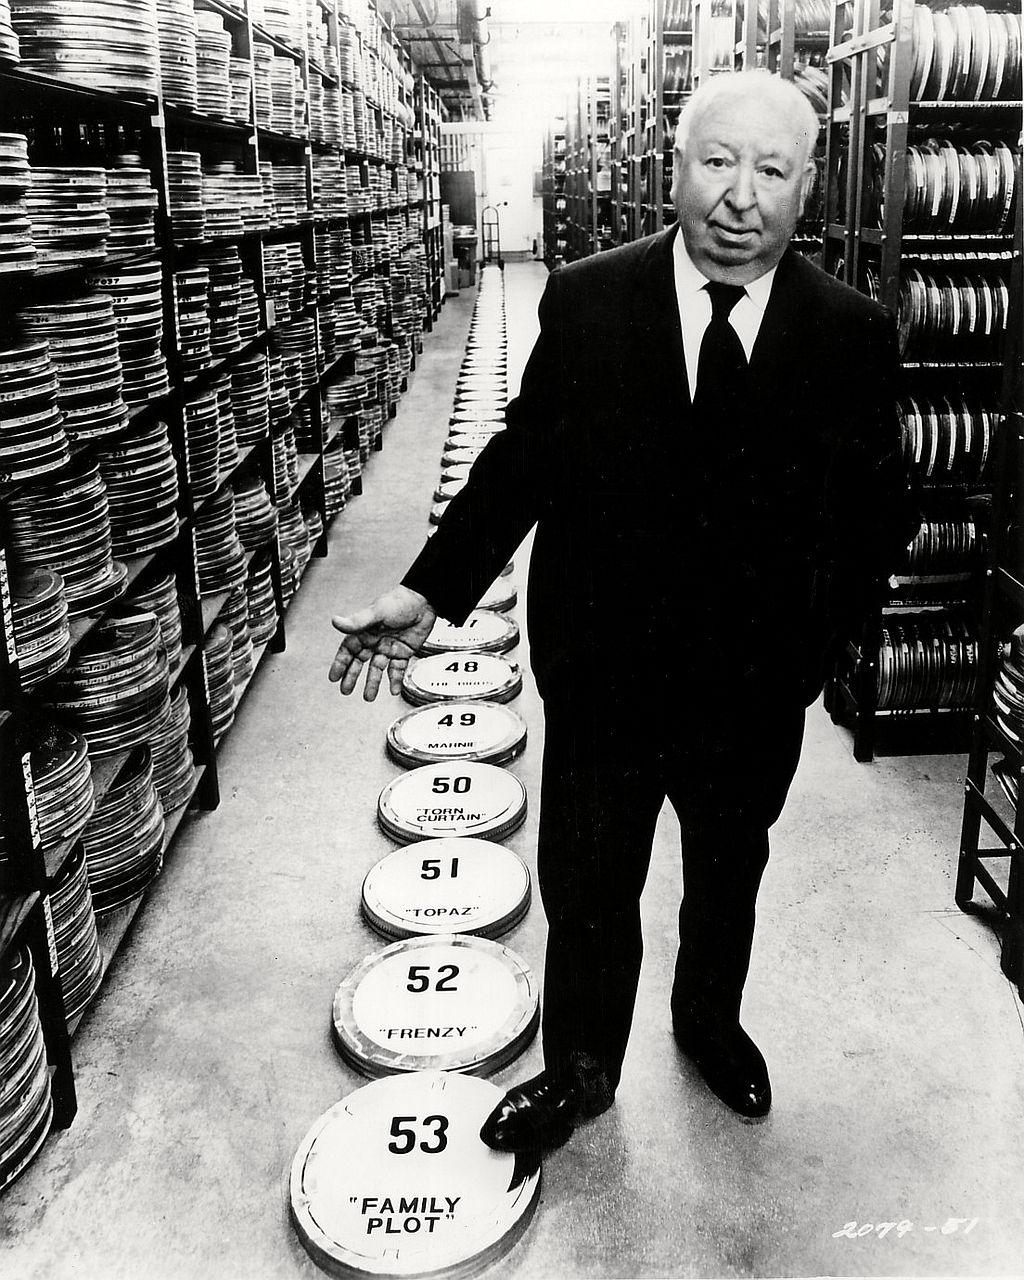 La historia de este brillante director no escapa de leyendas, mitos urbanos y fantasías.| Fuente: Wikipedia